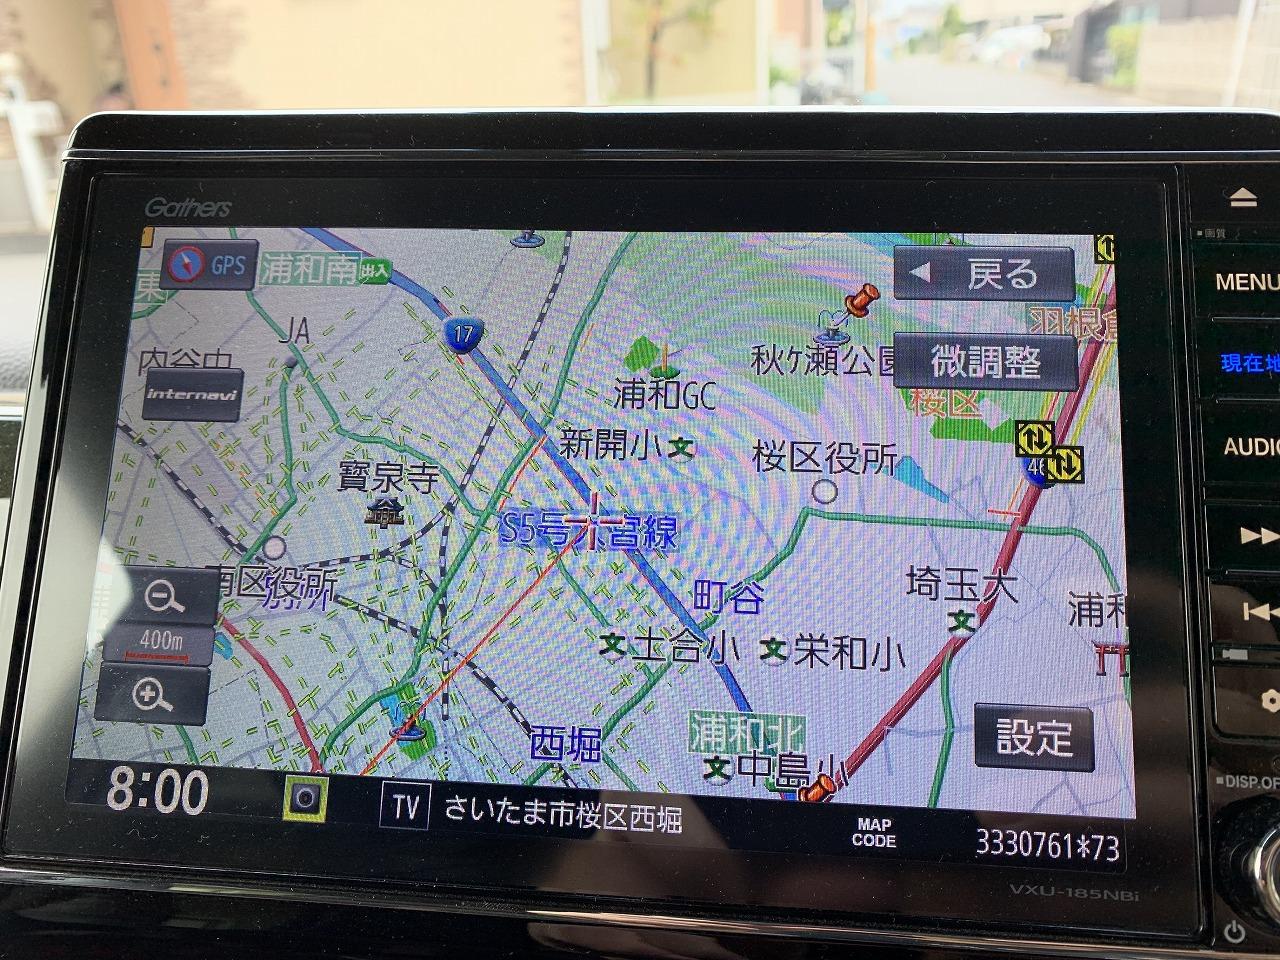 ホンダが台風19号による「今、車が通れる道路=通行実績情報マップ」を配信中!ホンダ純正ナビやYahoo!マップ・カーナビアプリなど。